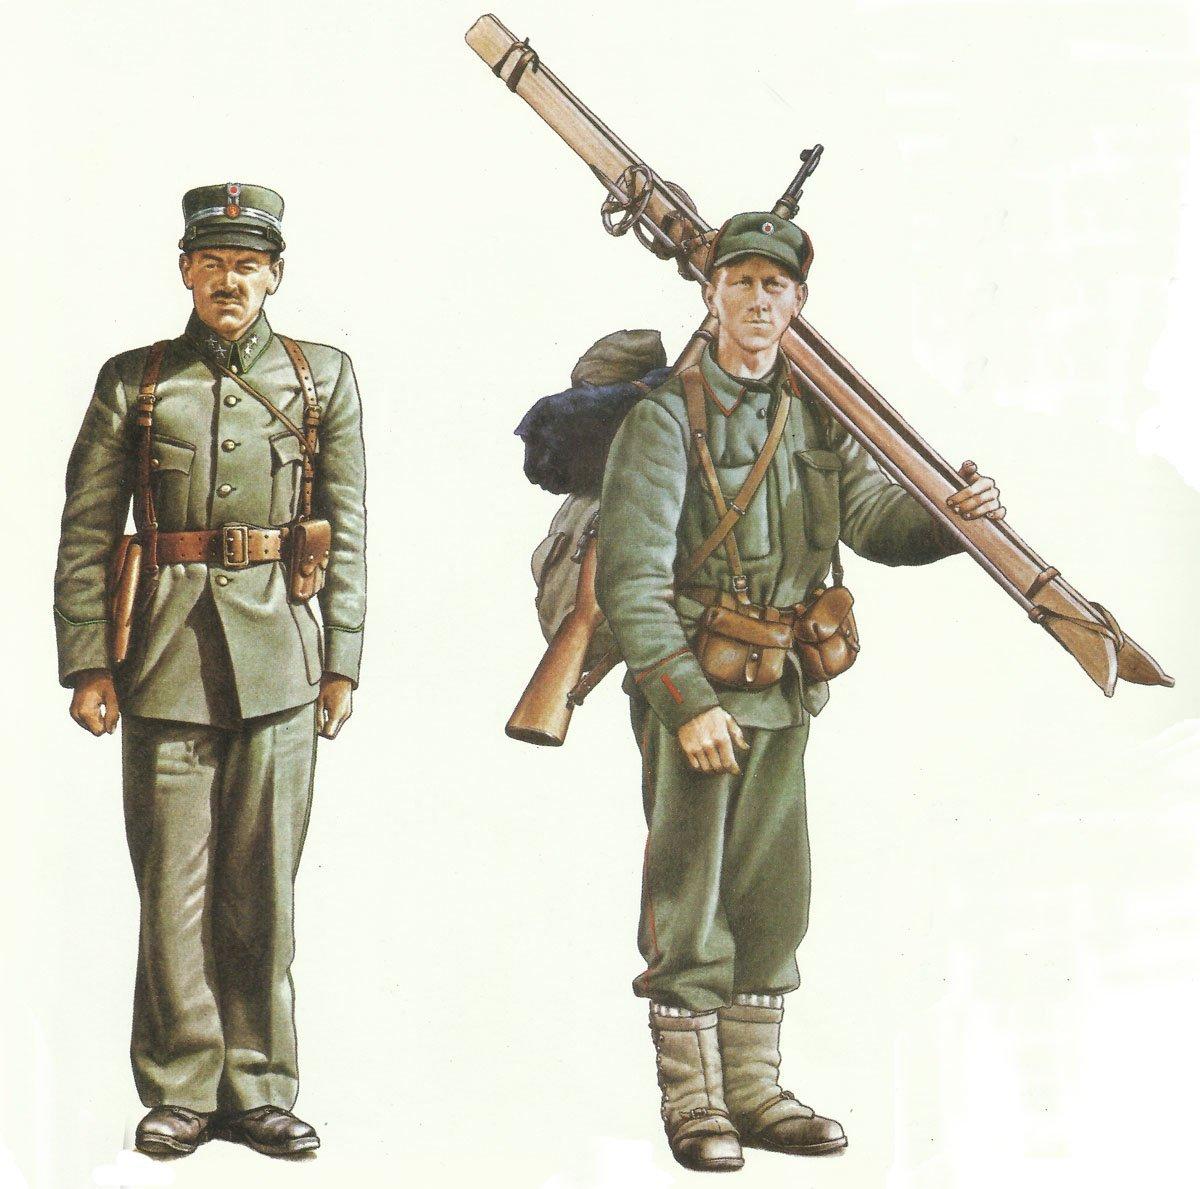 e39545d66e0 Lieutenant (left) and Corporal